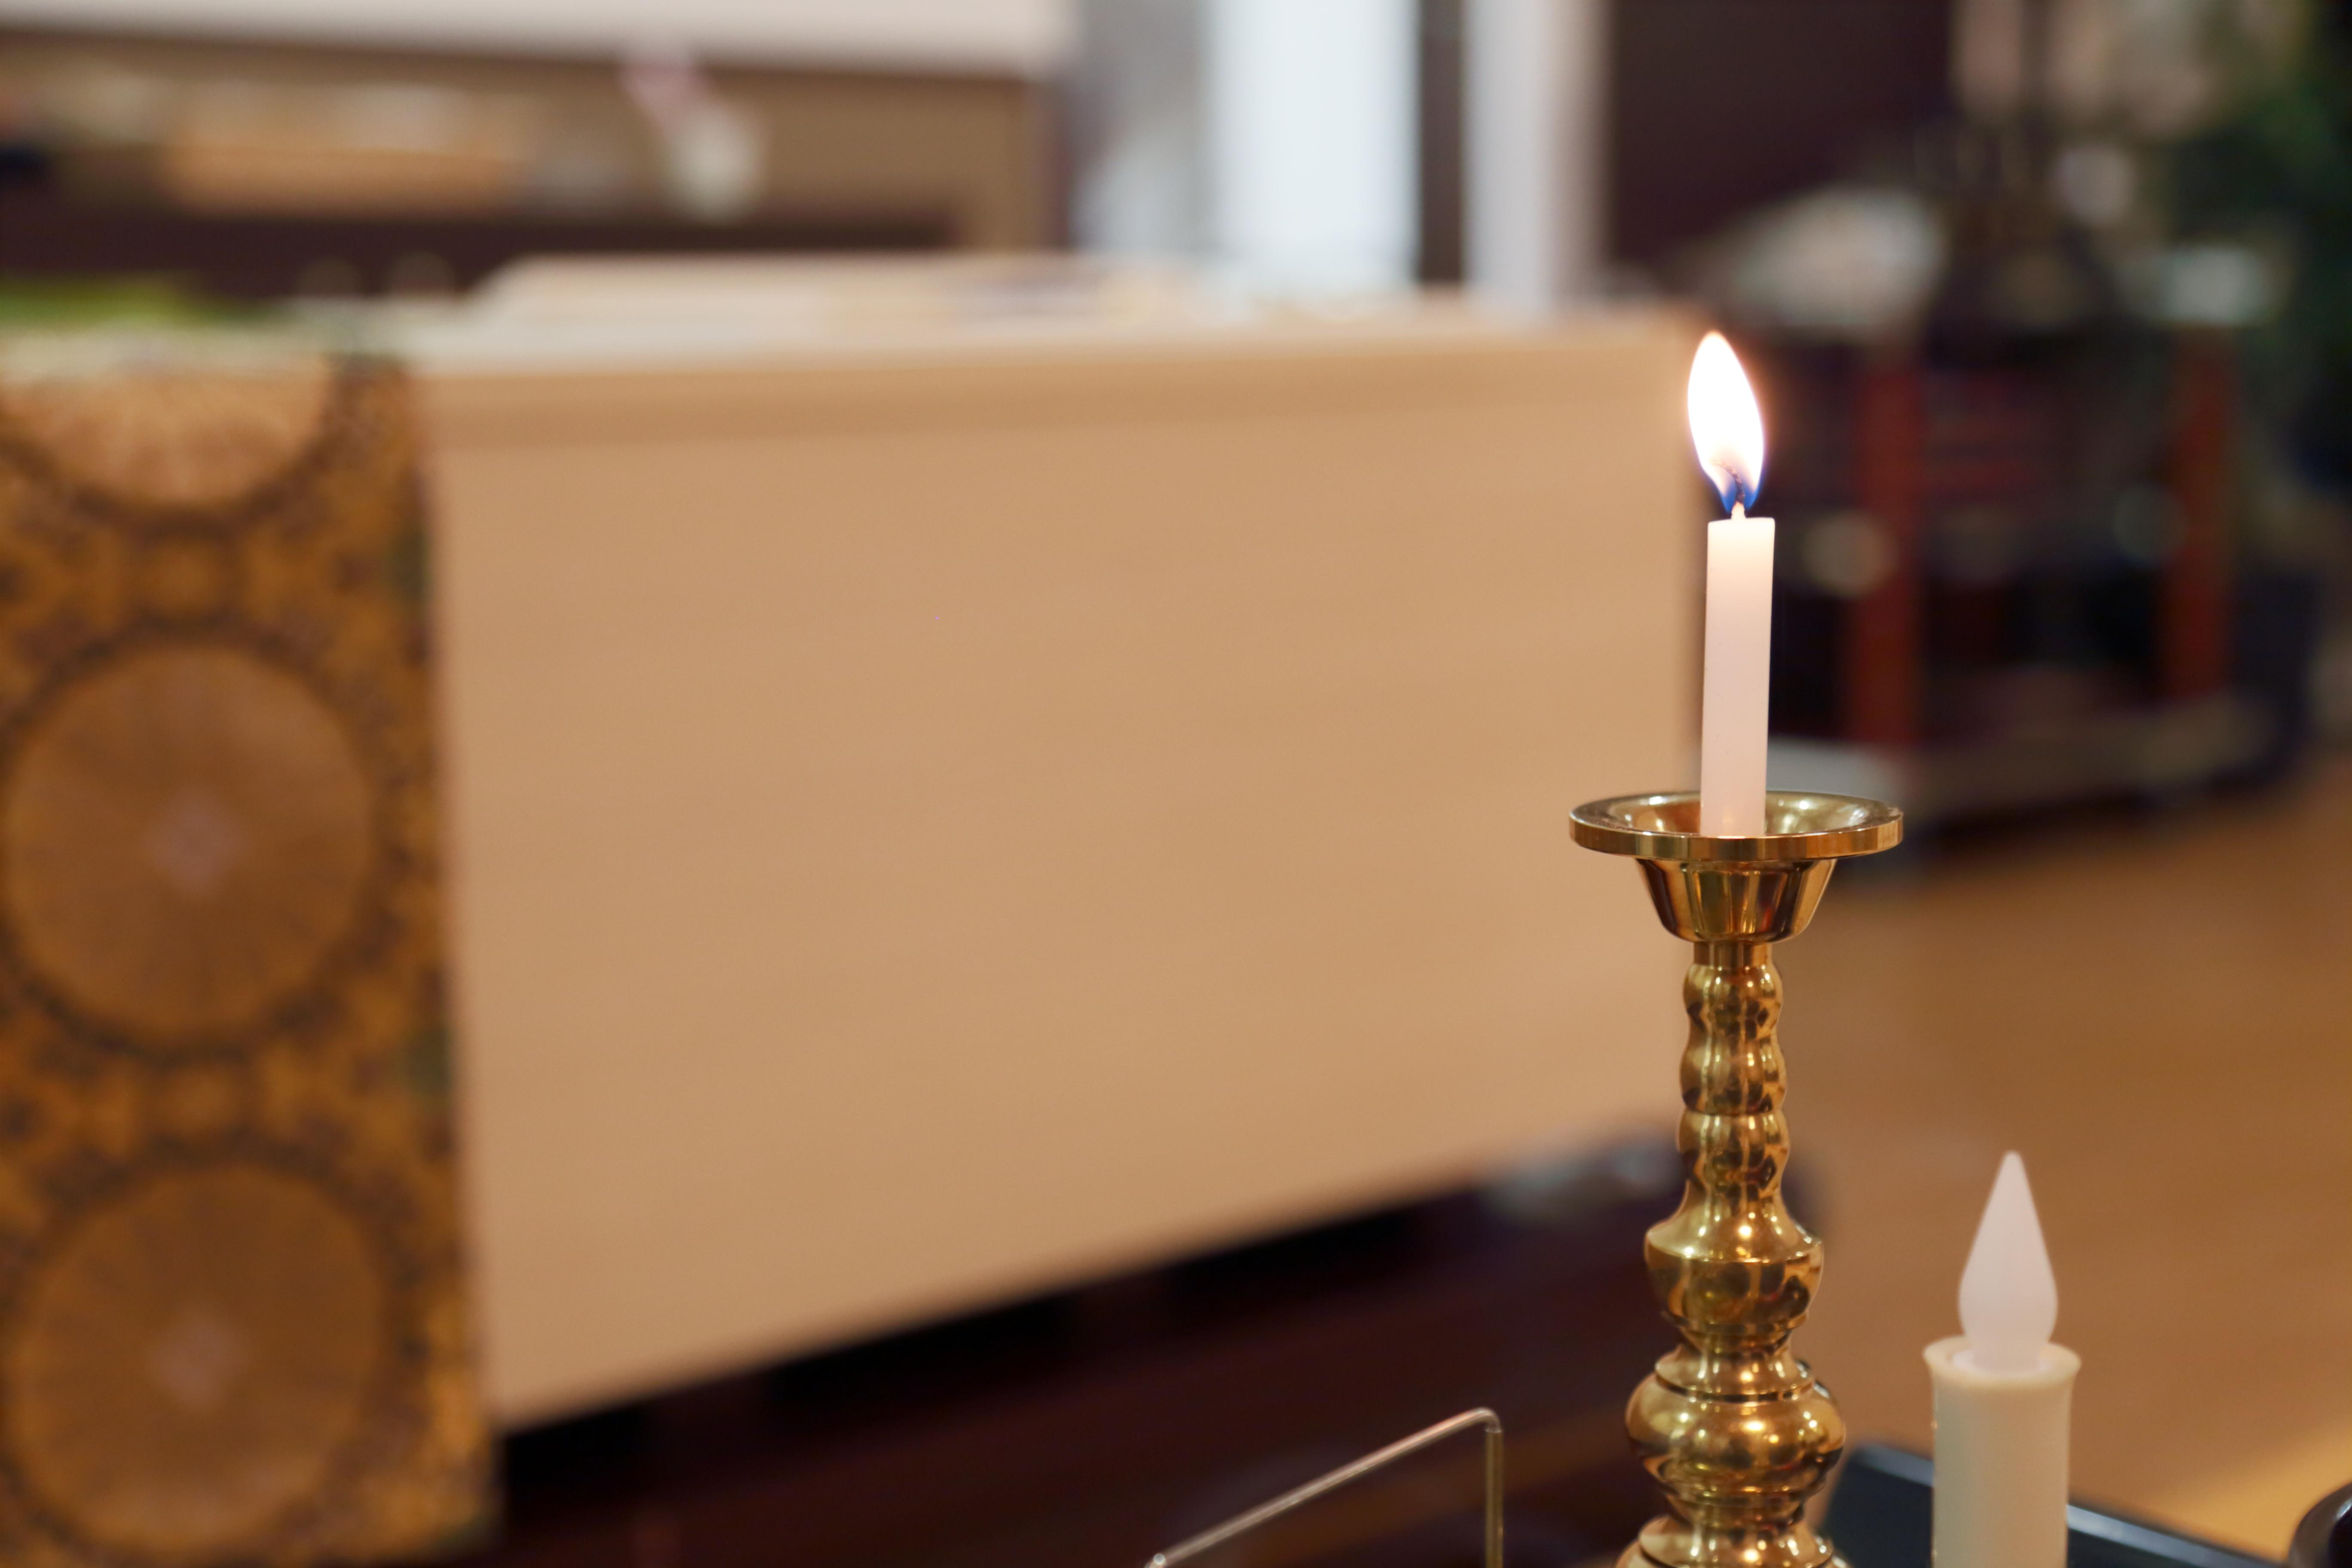 葬儀と火葬の流れとは?公営と民営の火葬場の違いも合わせて解説のサムネイル画像